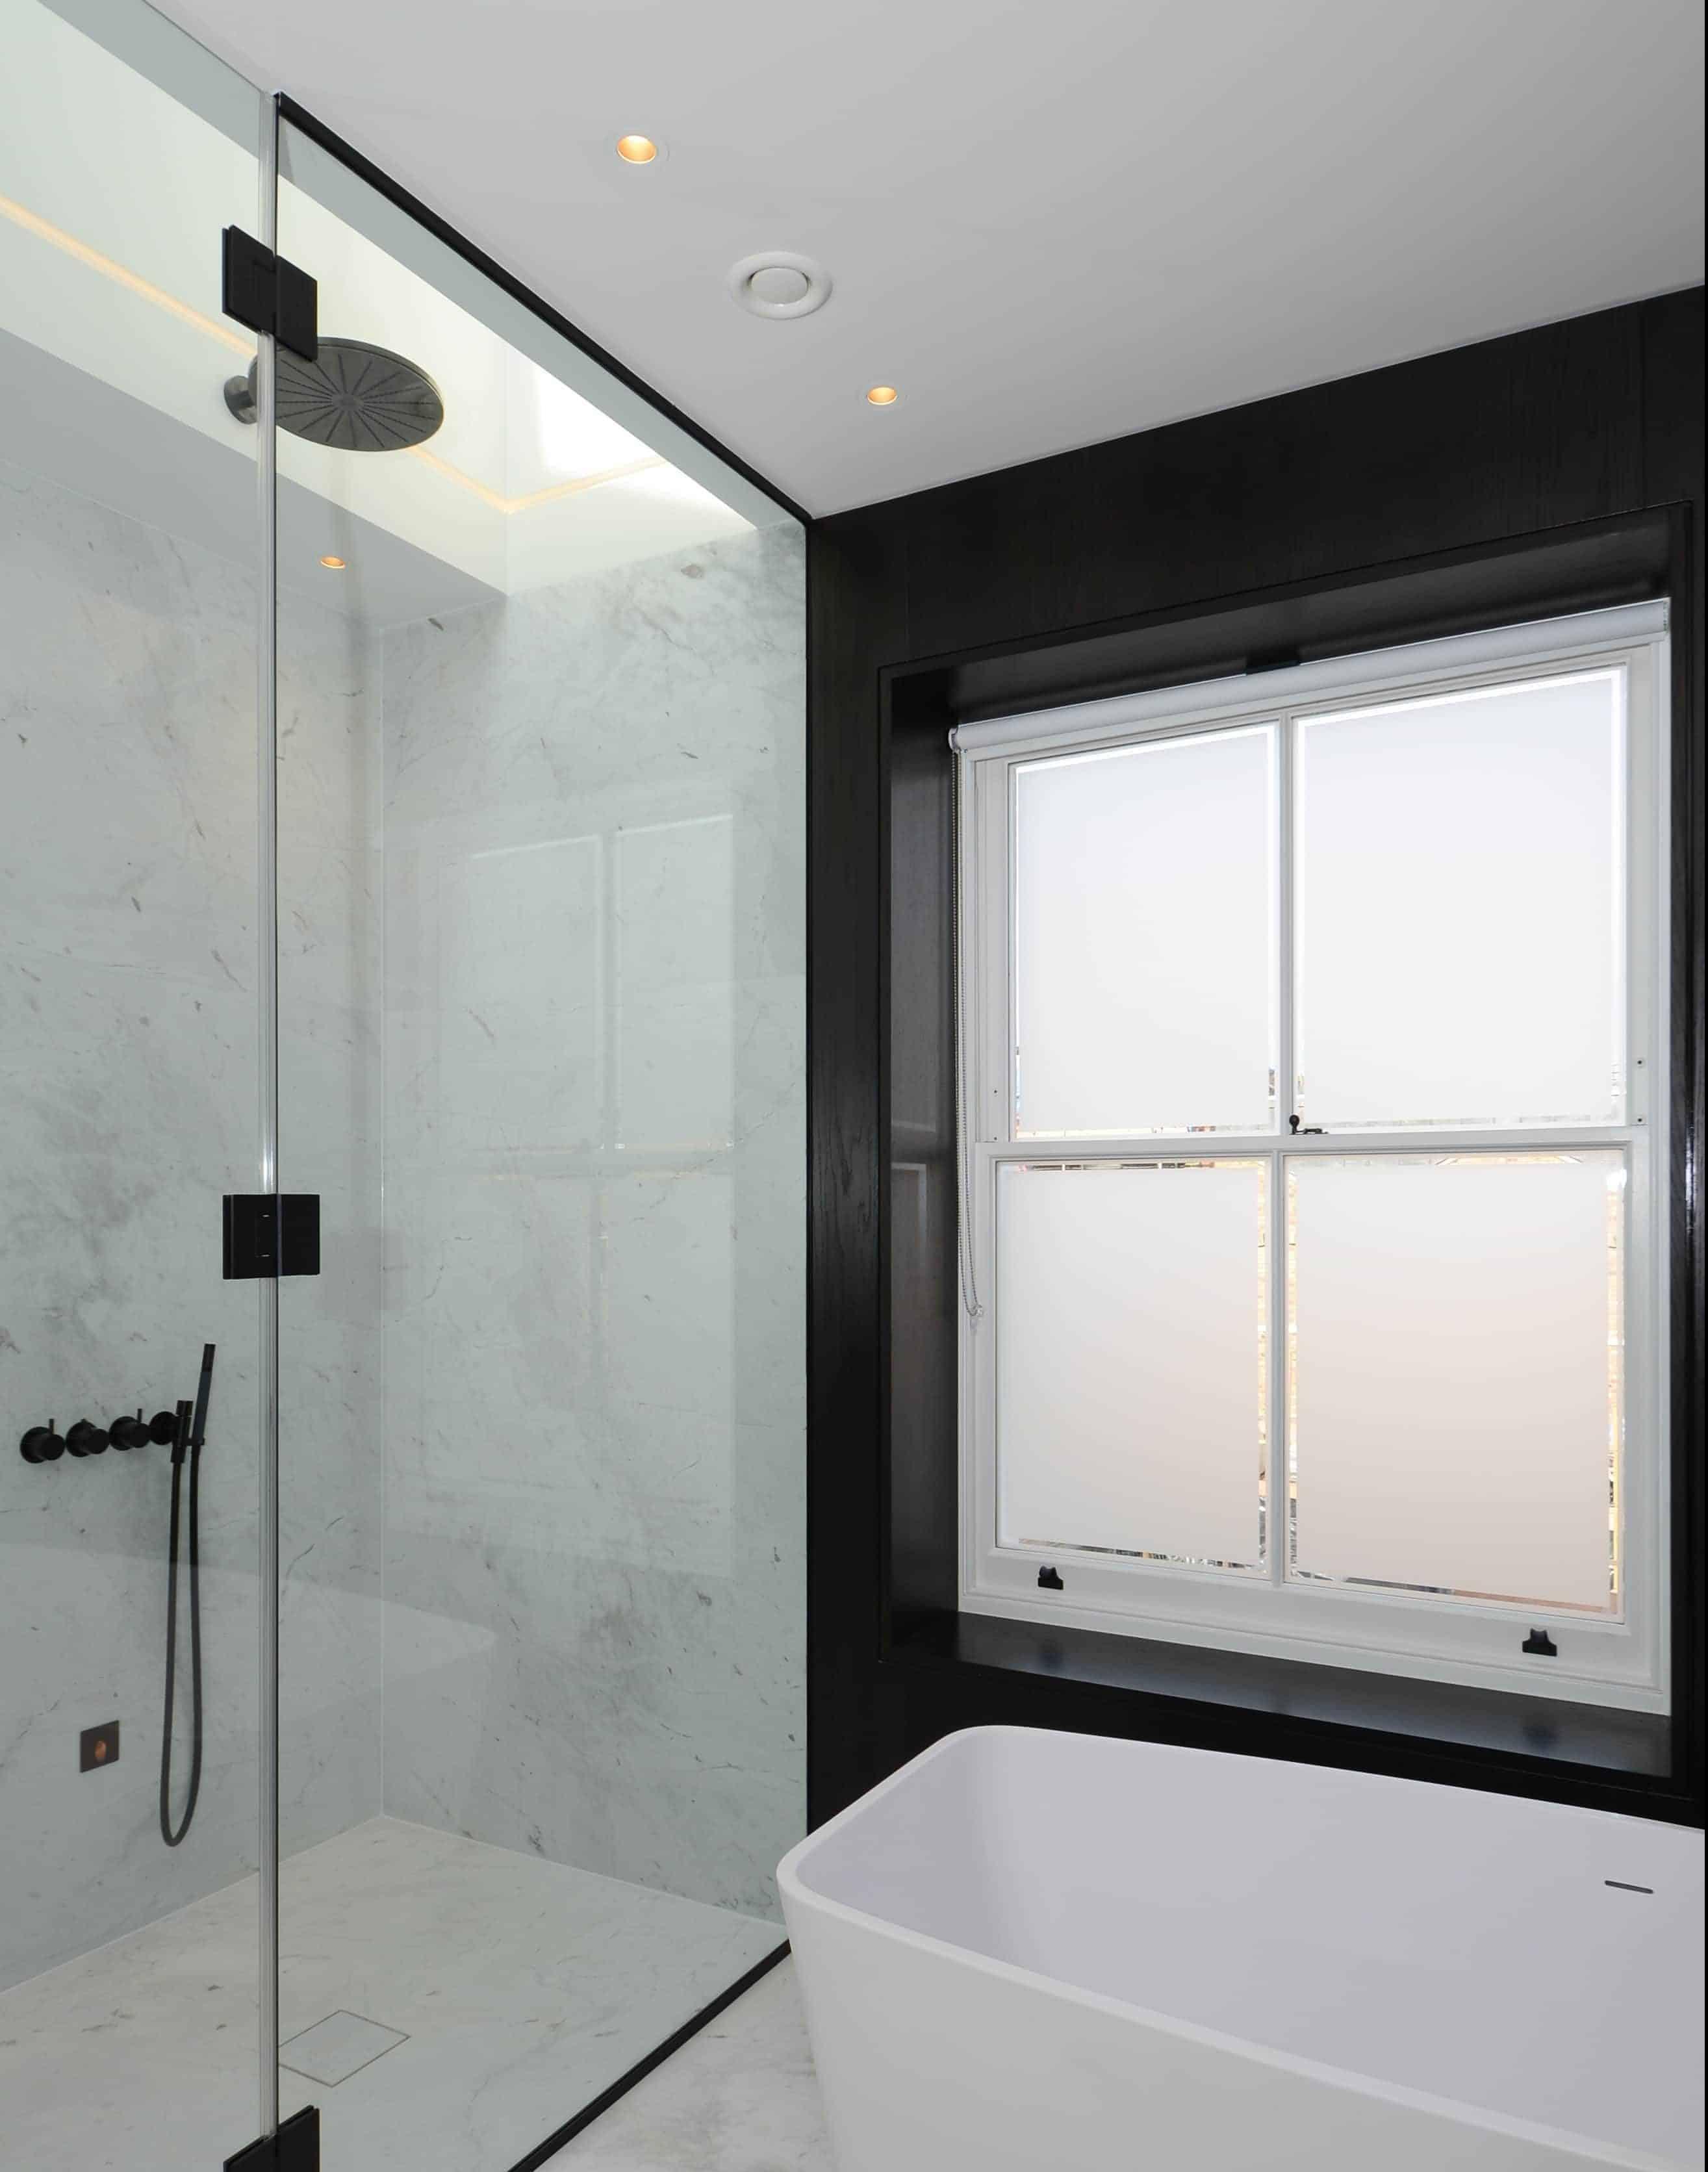 Sash window in bathroom